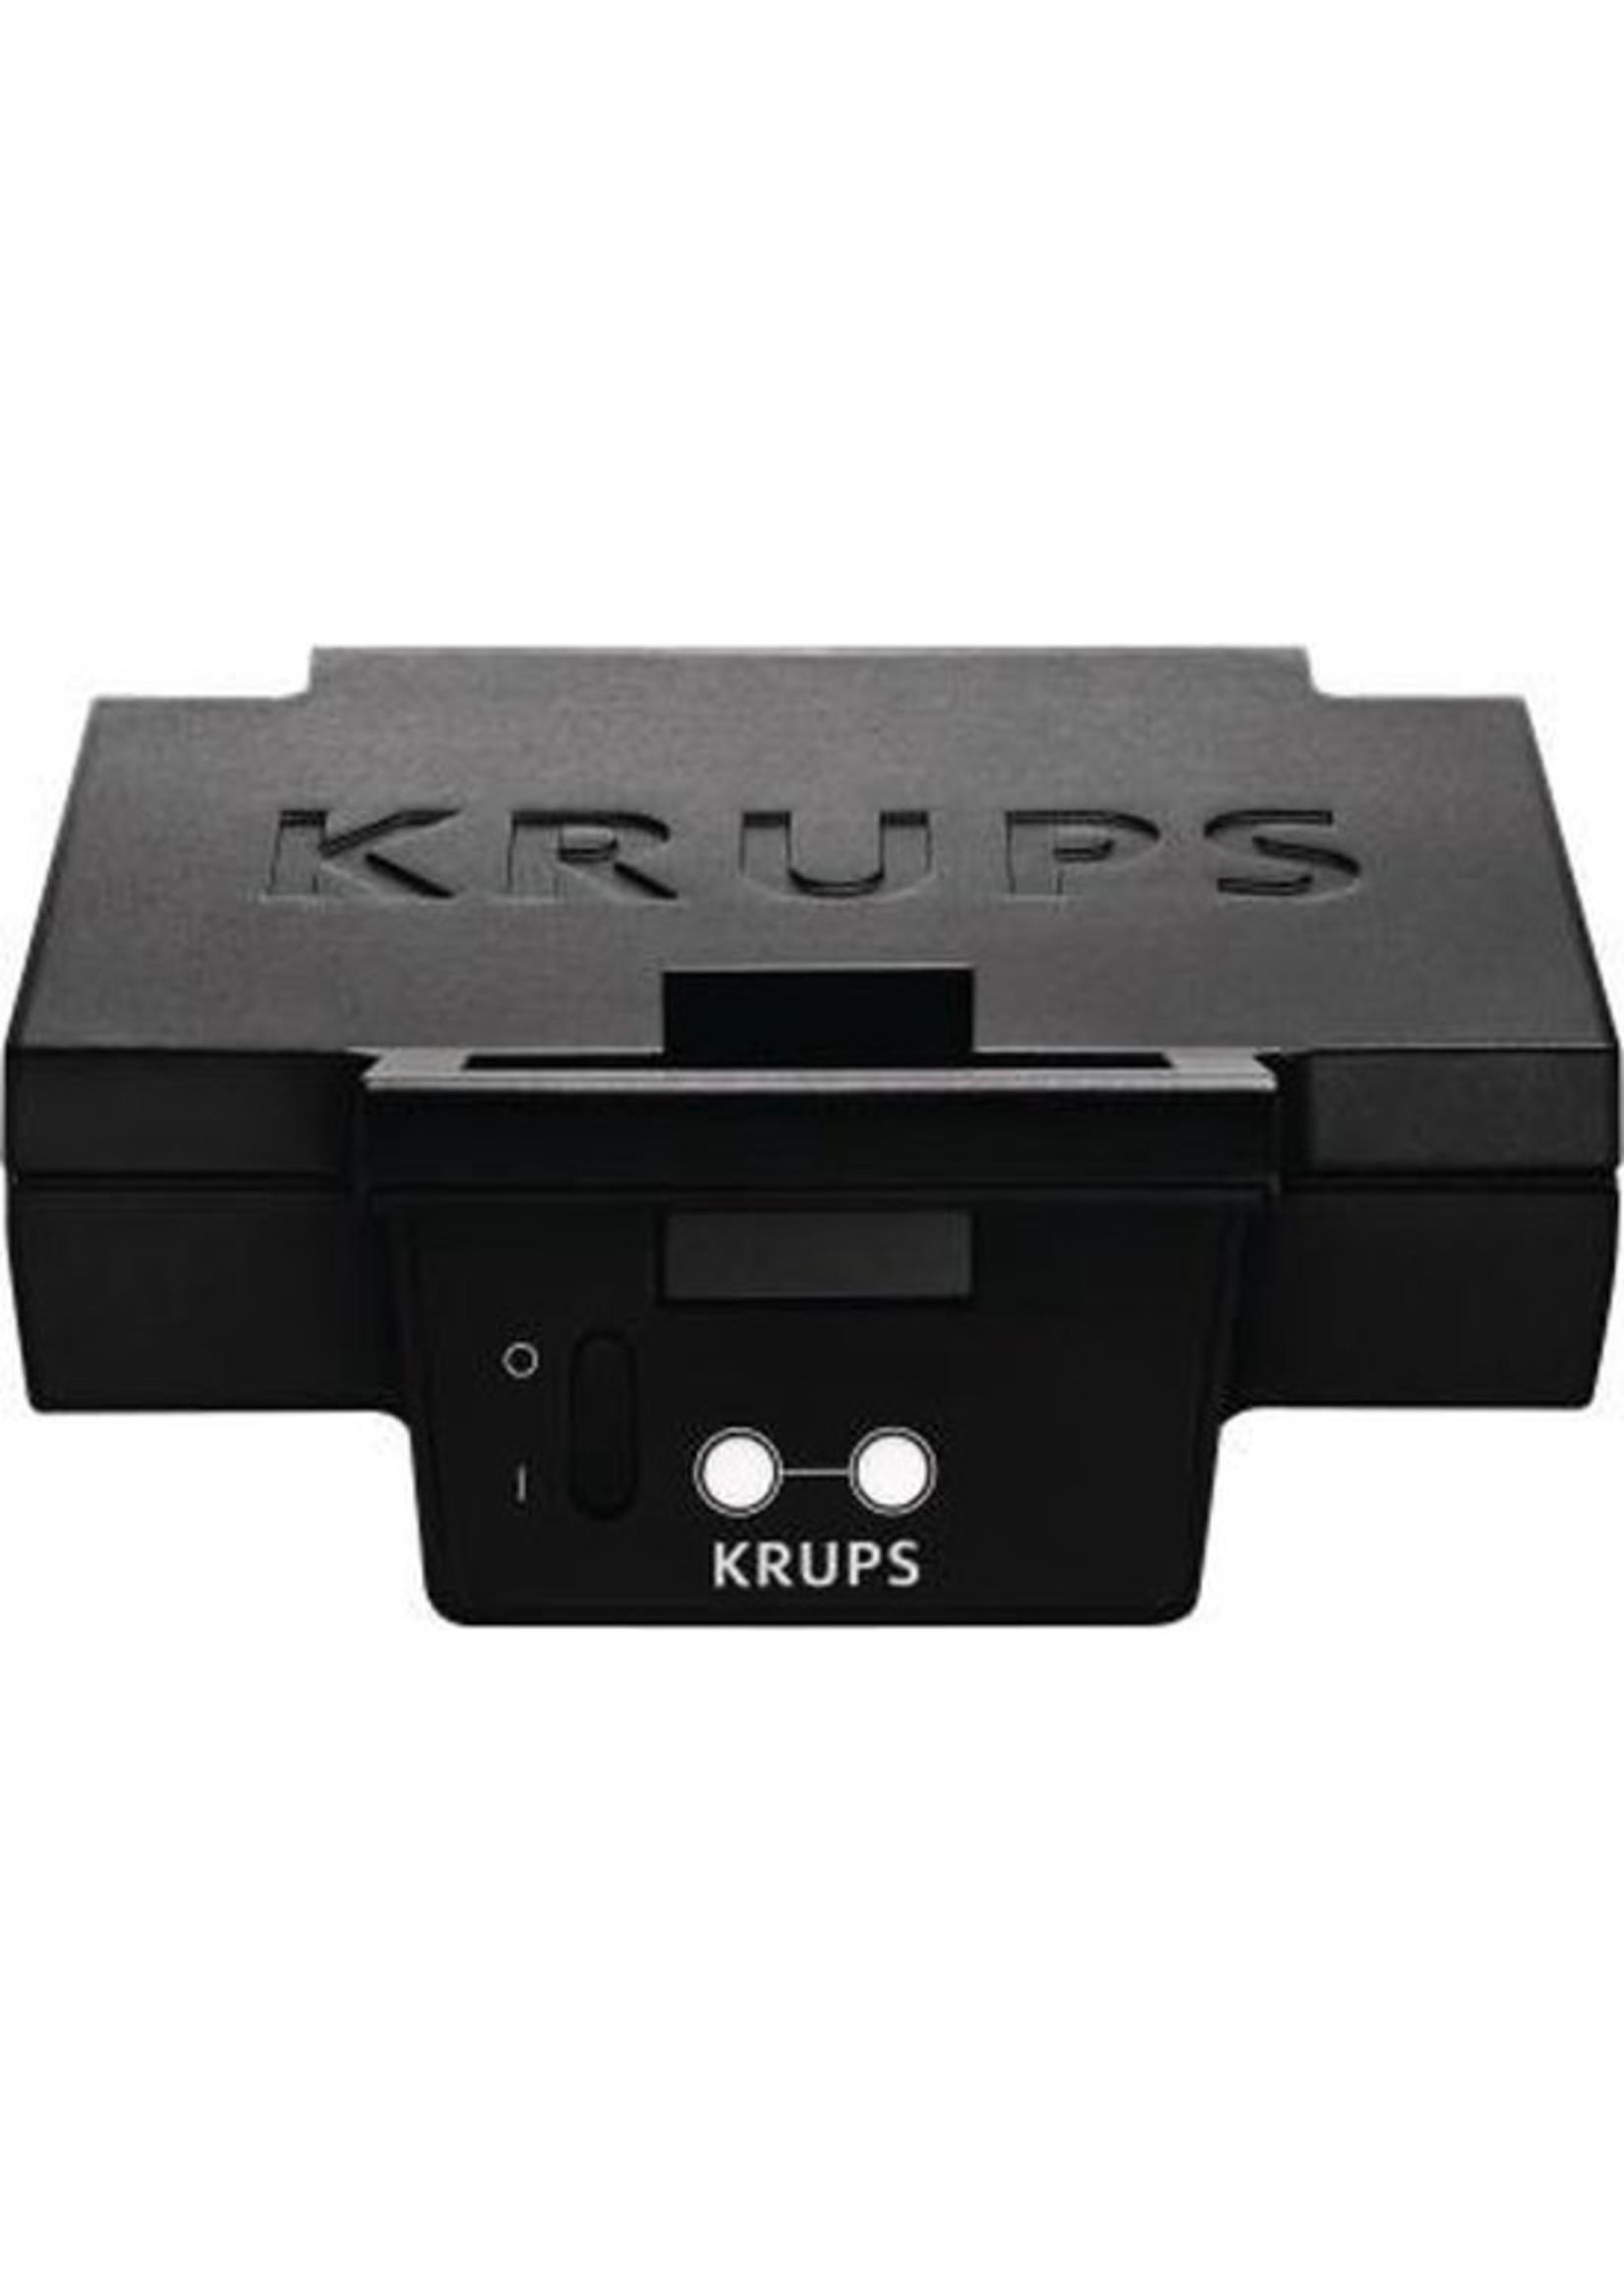 Krups Krups FDK451 - Tosti ijzer - Zwart